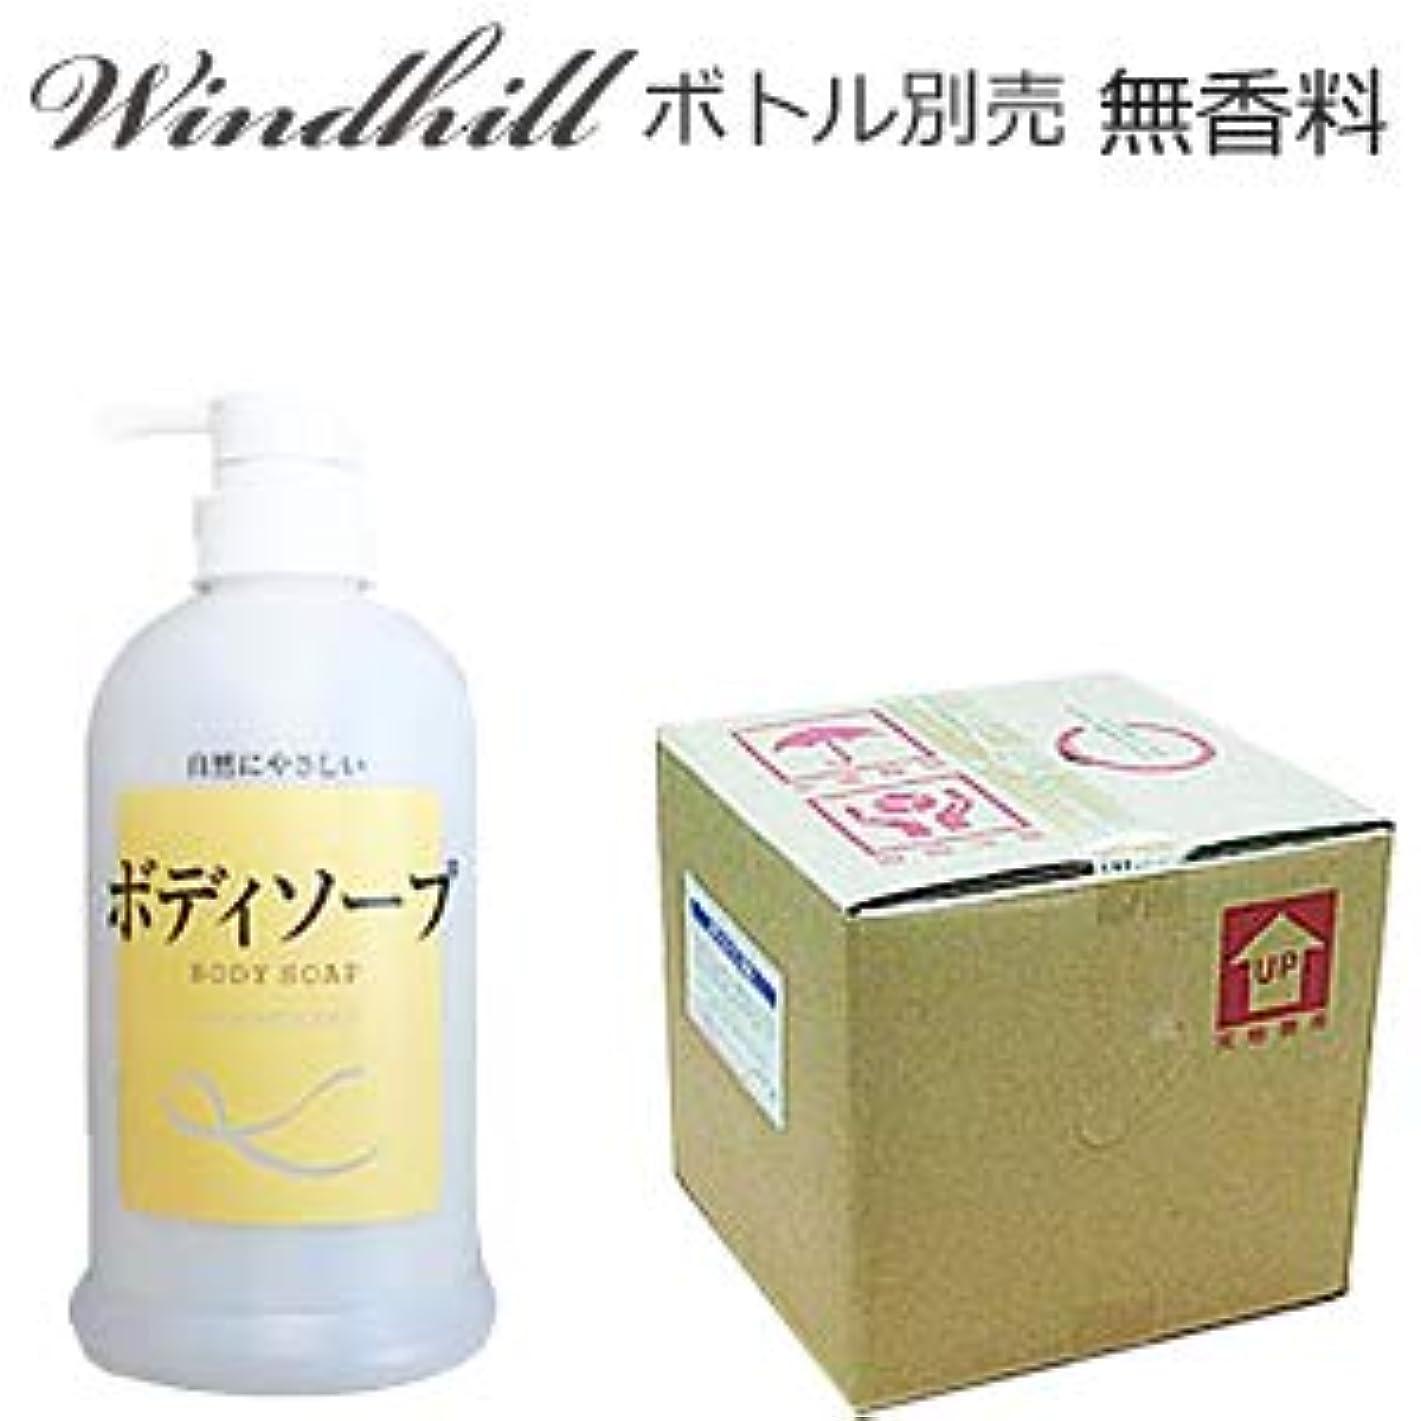 ターミナル鎮痛剤詐欺Windhill 植物性 業務用ボディソープ 無香料 20L(1セット20L入)